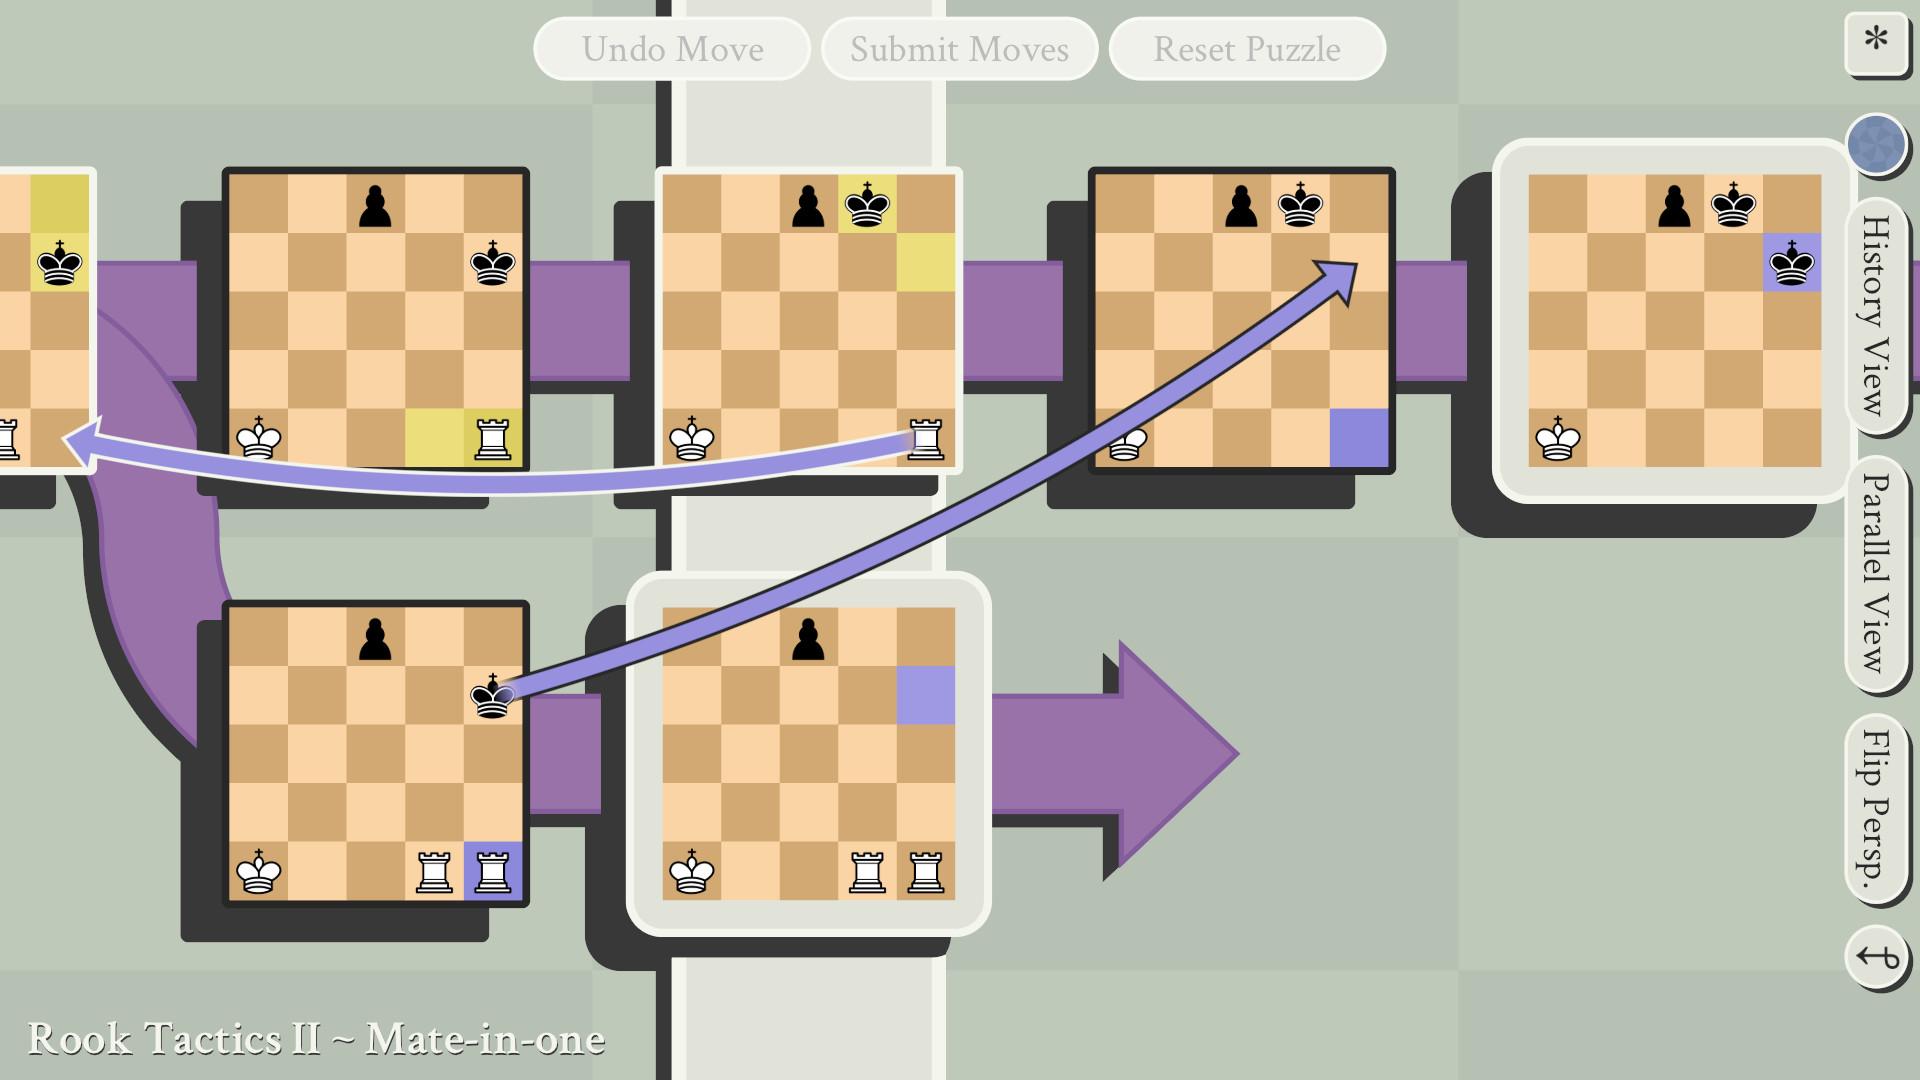 兩個國王,這種一般玩法不可能出現的場面。(圖源:Steam)